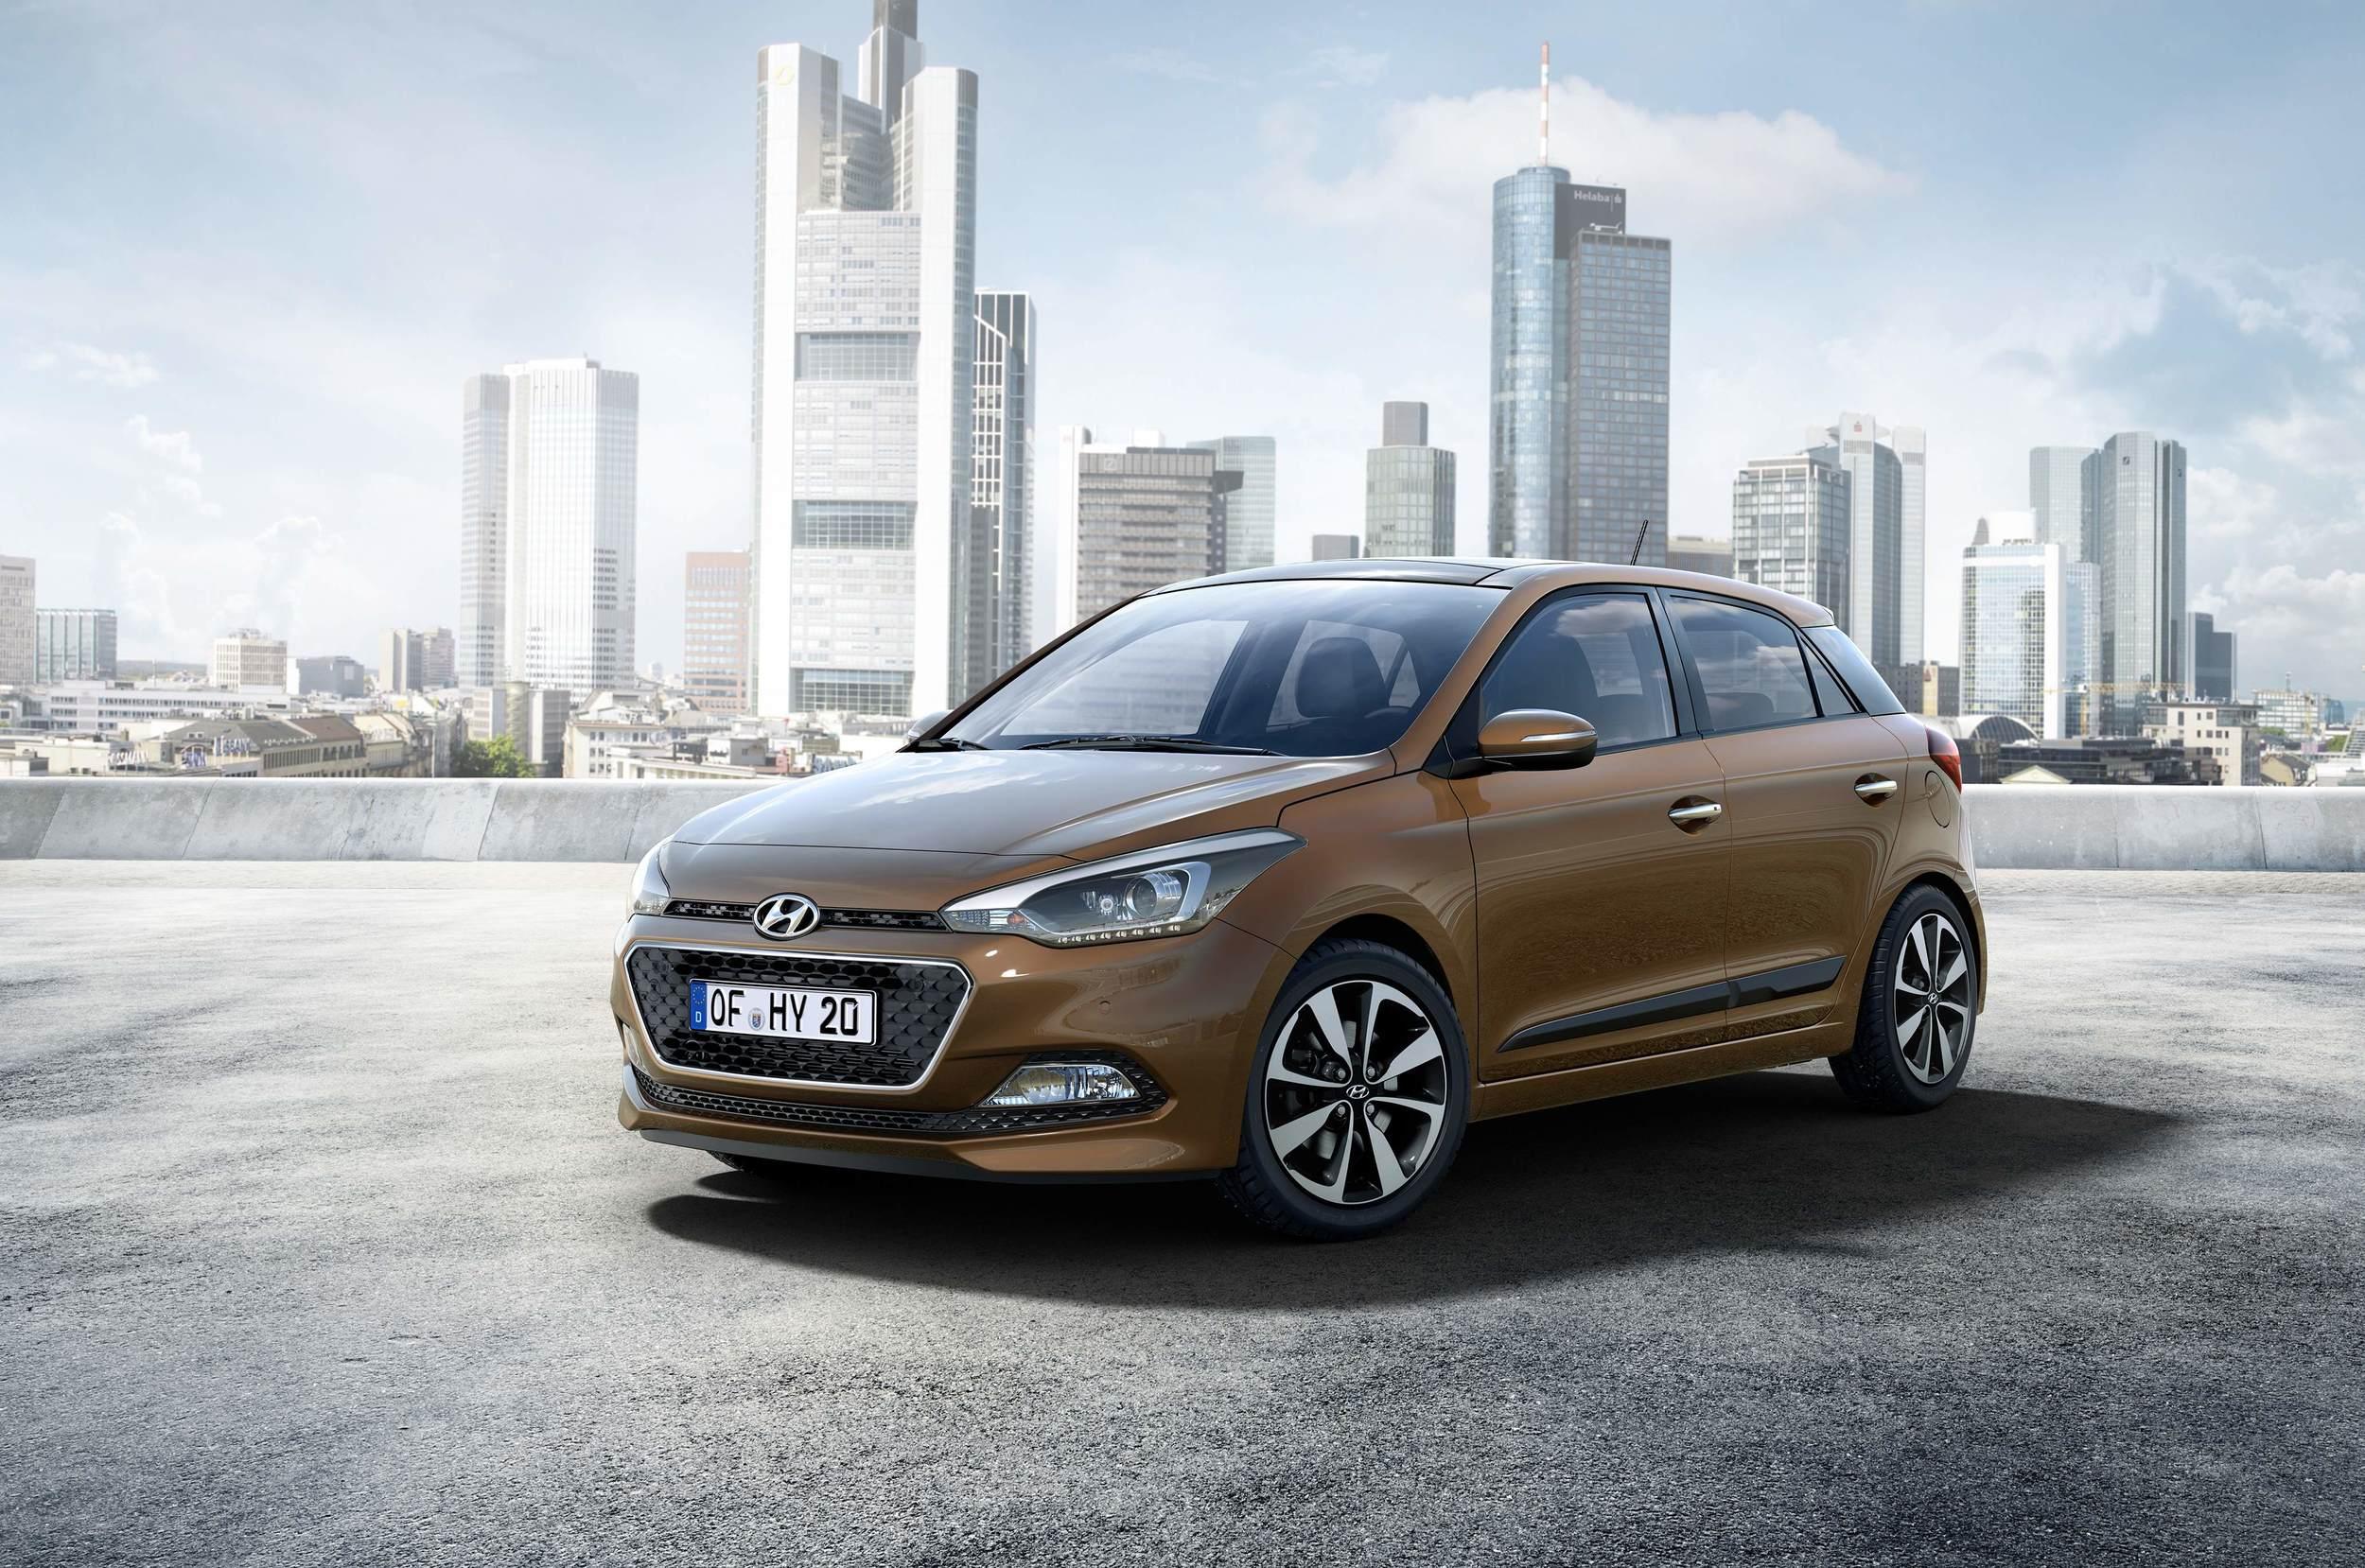 Hyundai i20 2015 01